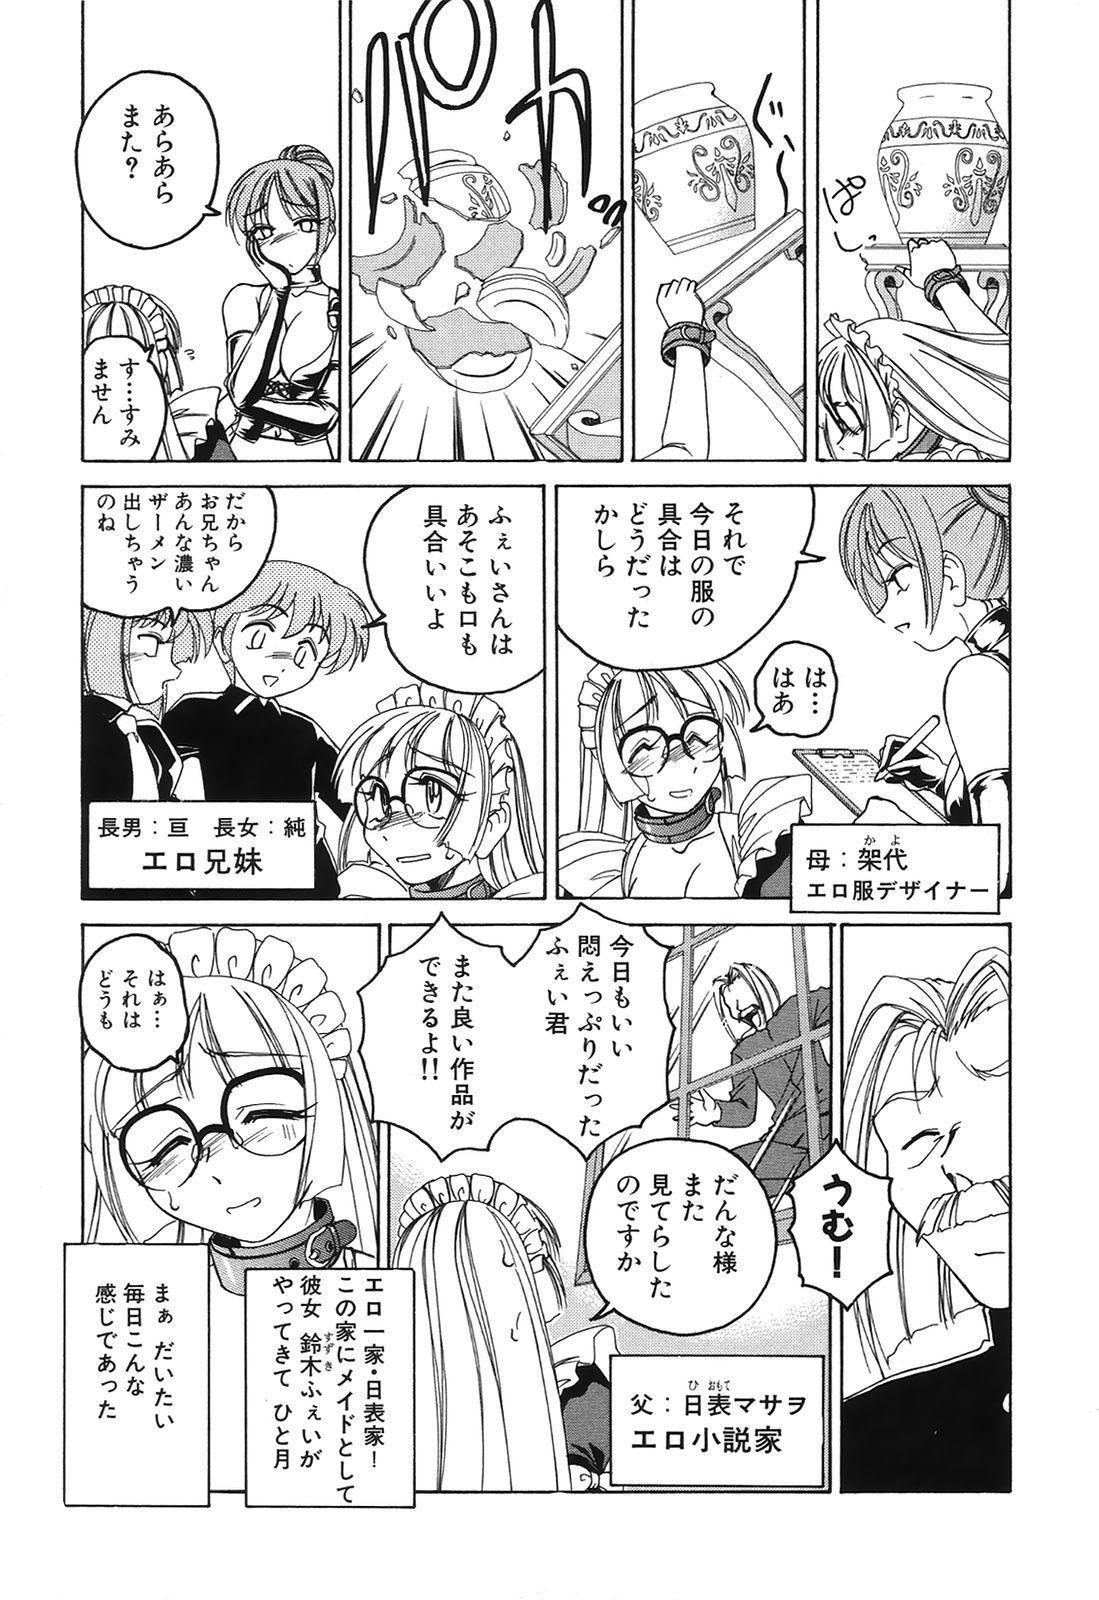 Omake No Musume 143